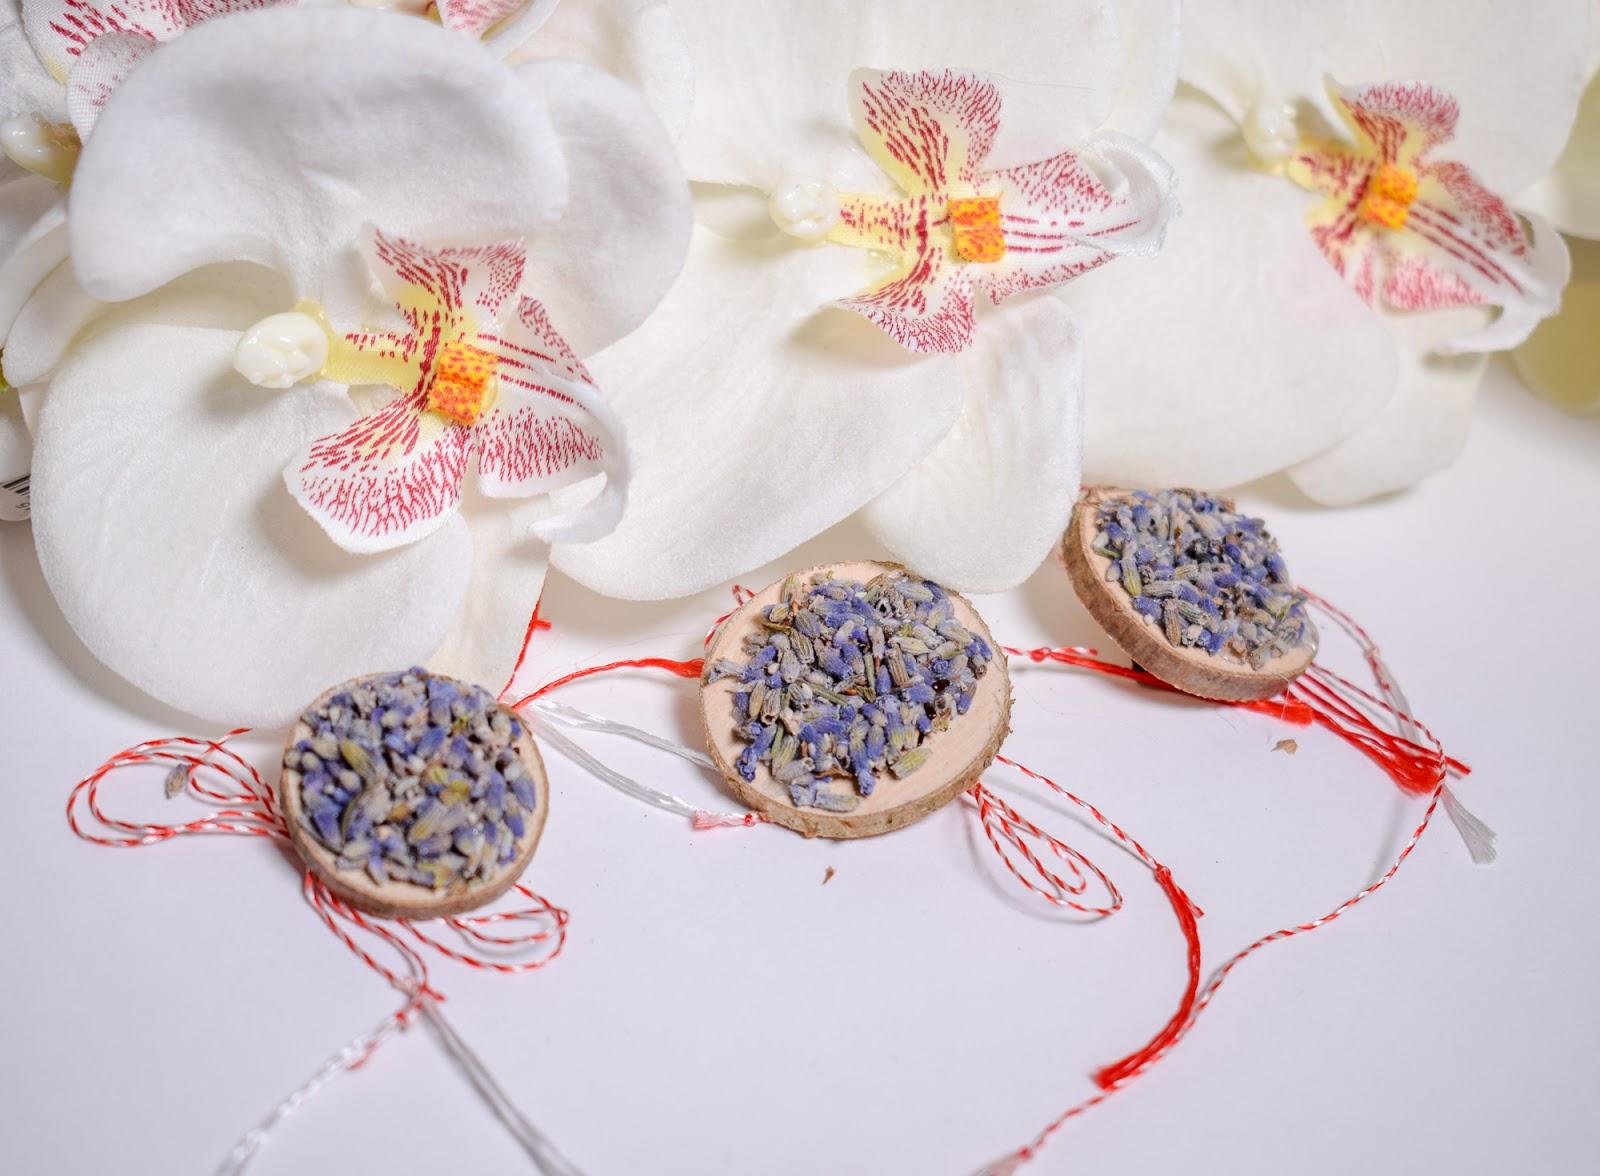 Zana Florilor: Martisoare cu Flori de Lavanda si Galbenele